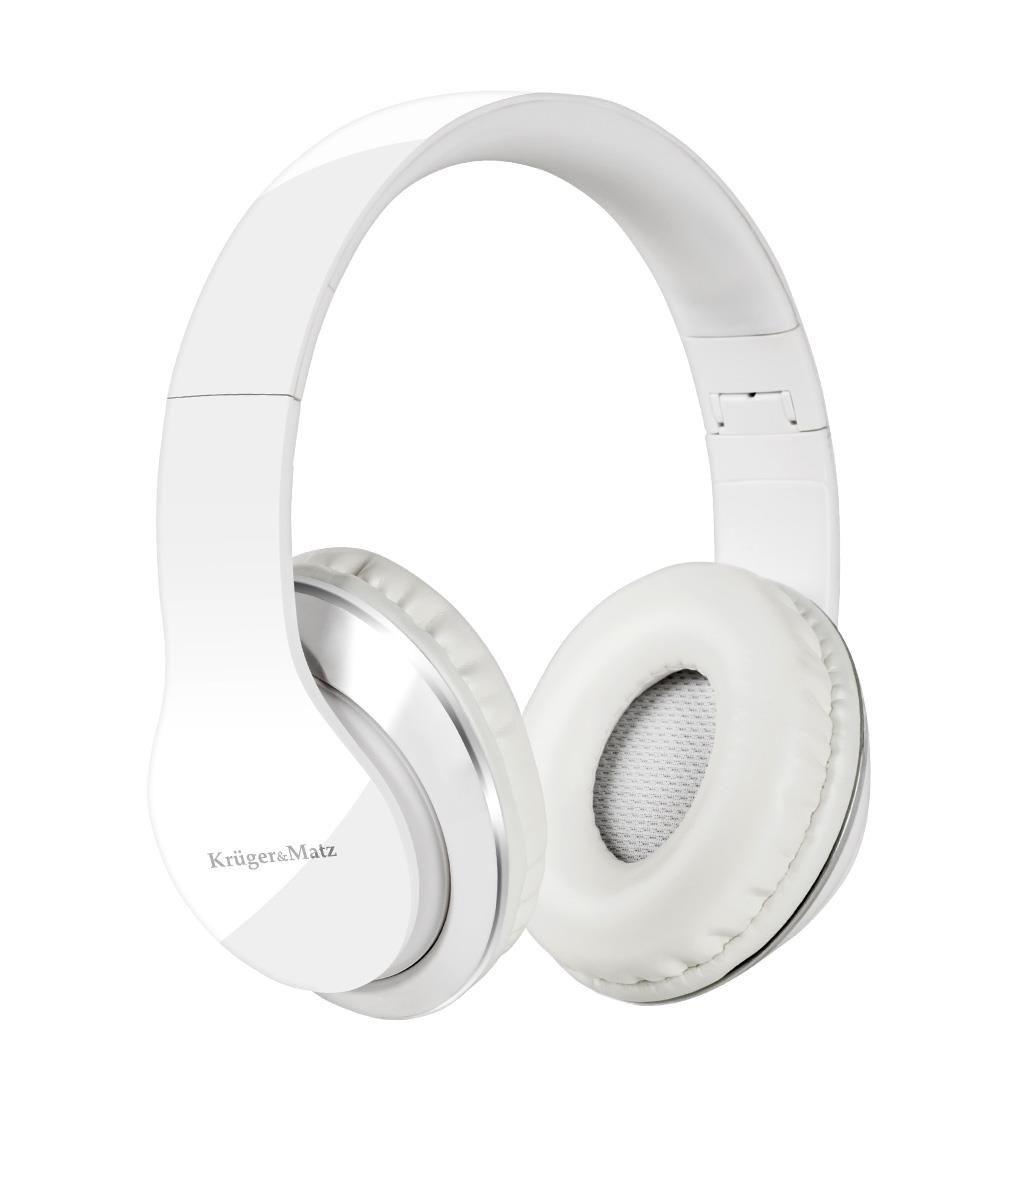 Kruger & Matz Słuchawki przewodowe nauszne Street KM0631 Białe